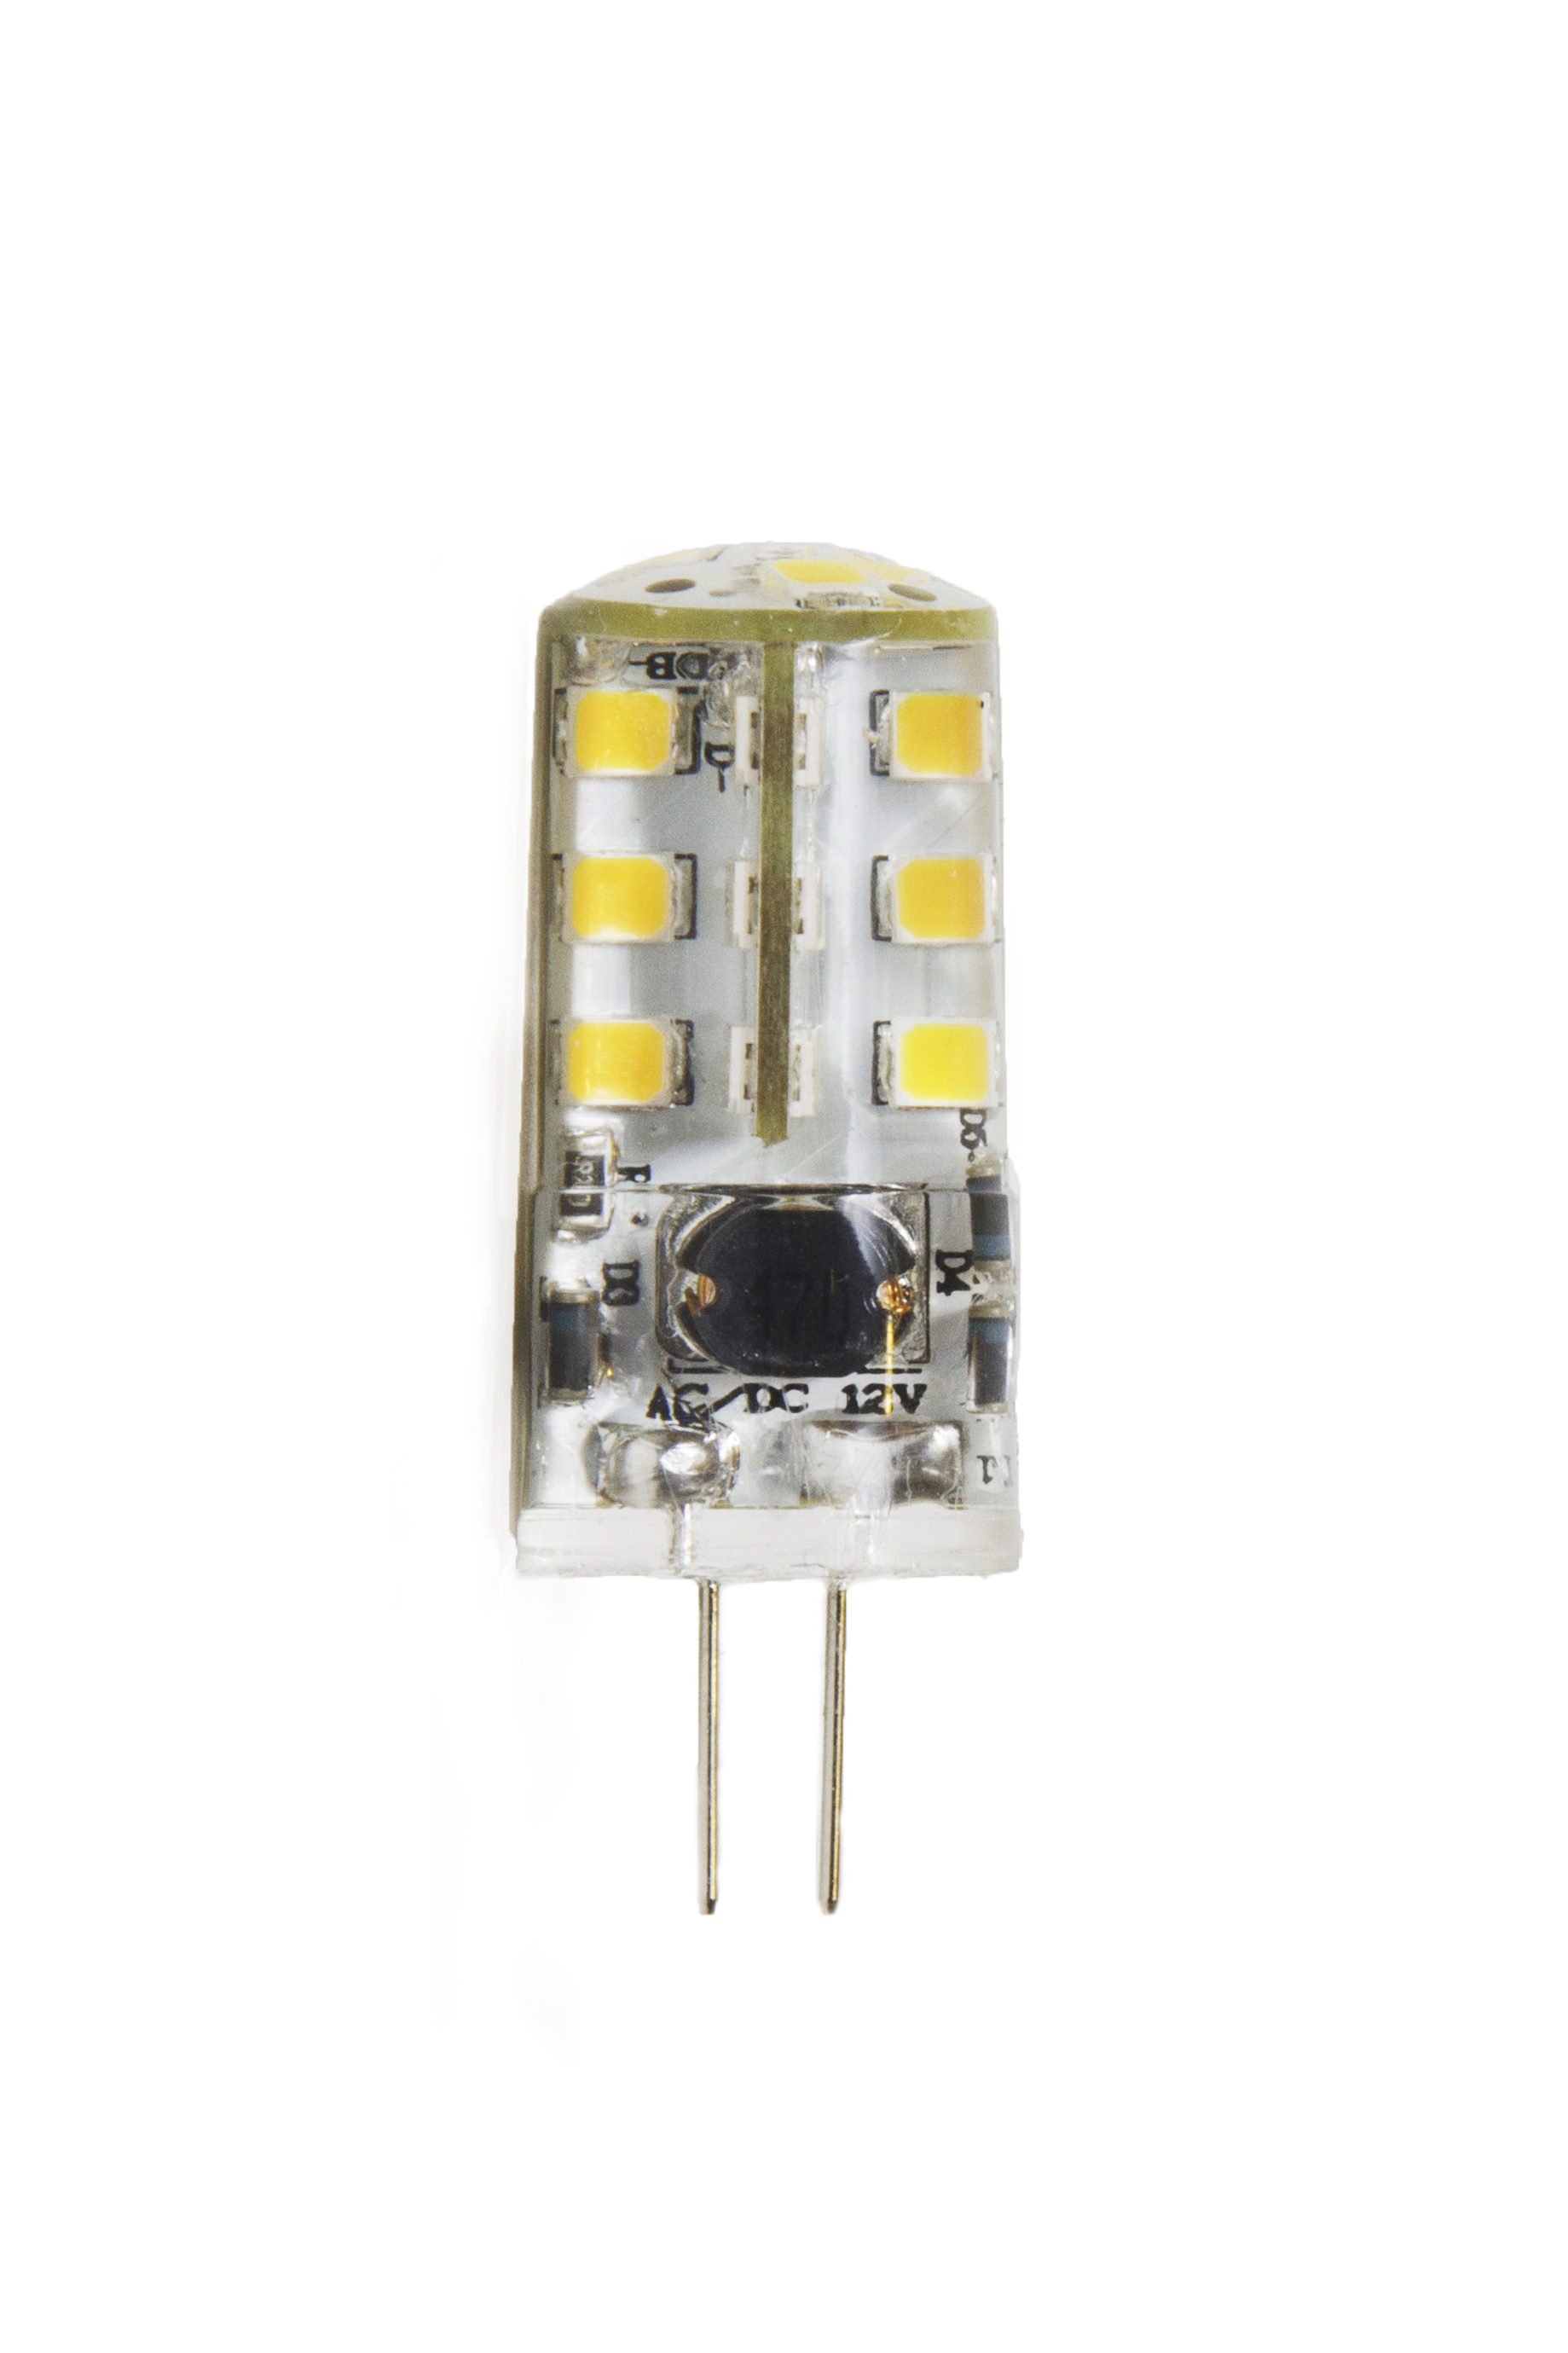 Светодиодная лампа Виктел BK-4B5ЕЕТ, G4, 5Вт, 3000K, 360градусов, 12VСветодиодные лампы<br><br><br>Тип цоколя: G4<br>Рабочее напряжение, В: 12<br>Мощность, Вт: 5<br>Мощность заменяемой лампы, Вт: 40<br>Цветовая температура, K: 3000<br>Угол раскрытия, °: 360